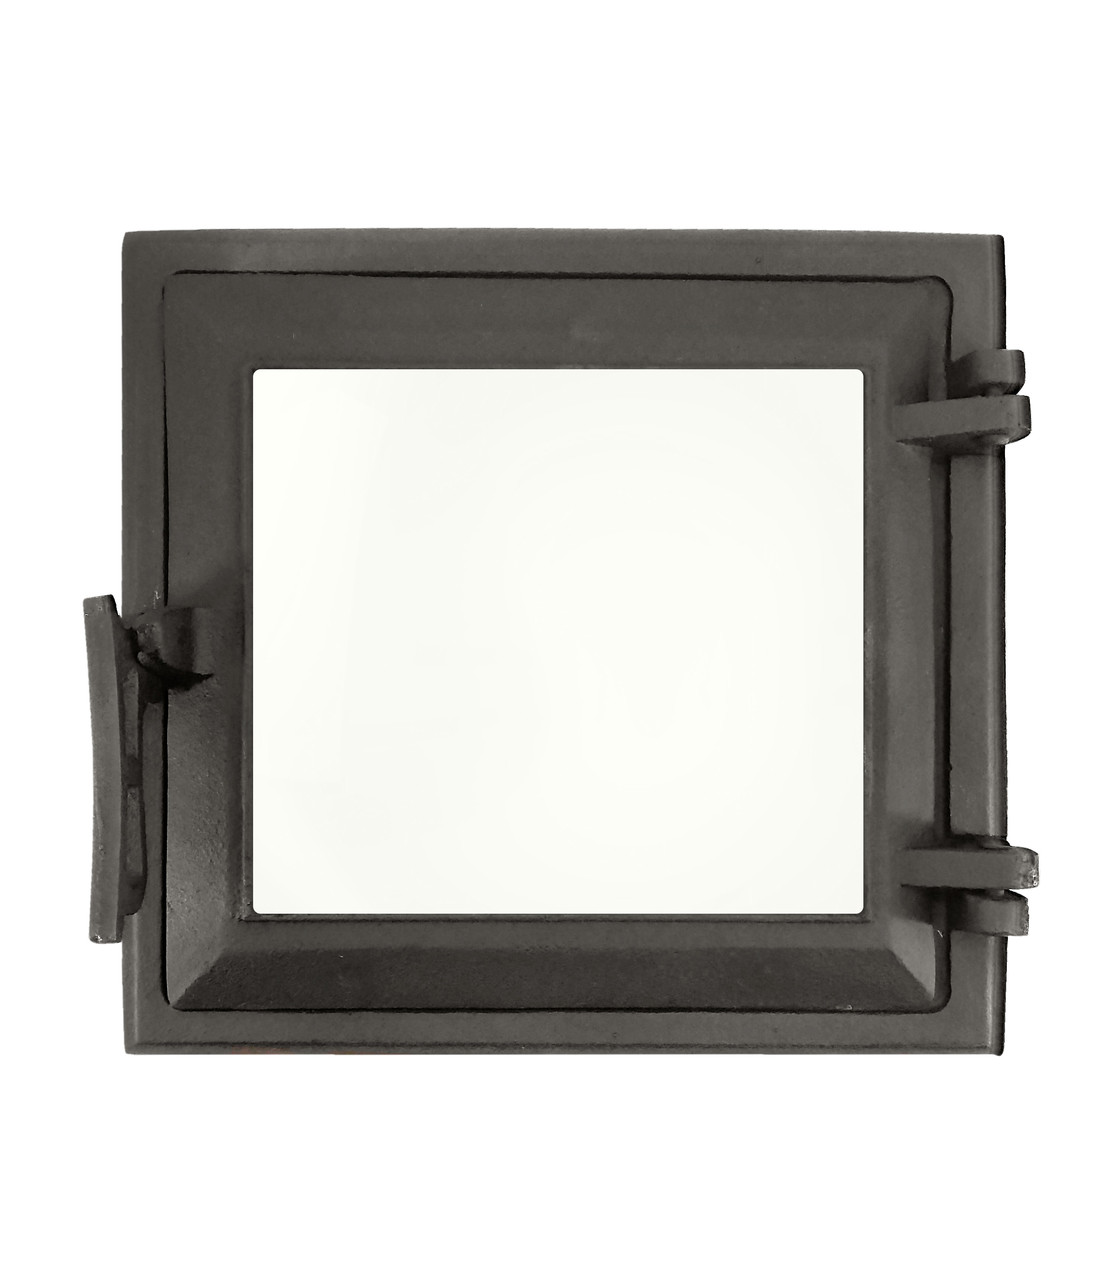 Топочная дверца для печи со стеклом 265х250 мм, чугунная печная дверка 102874